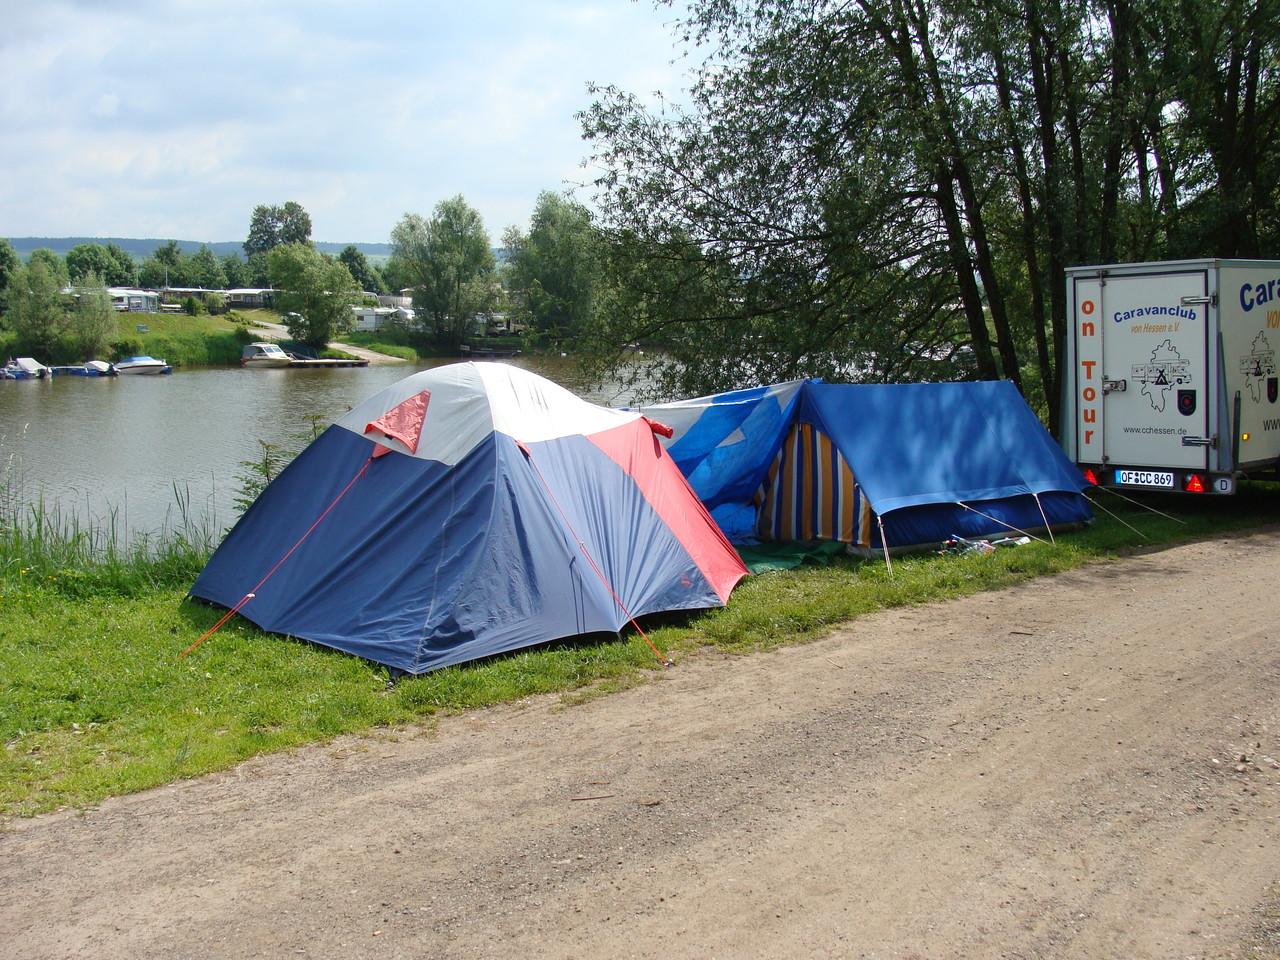 Unsere Kinder und noch weitere schlafen im Zelt.